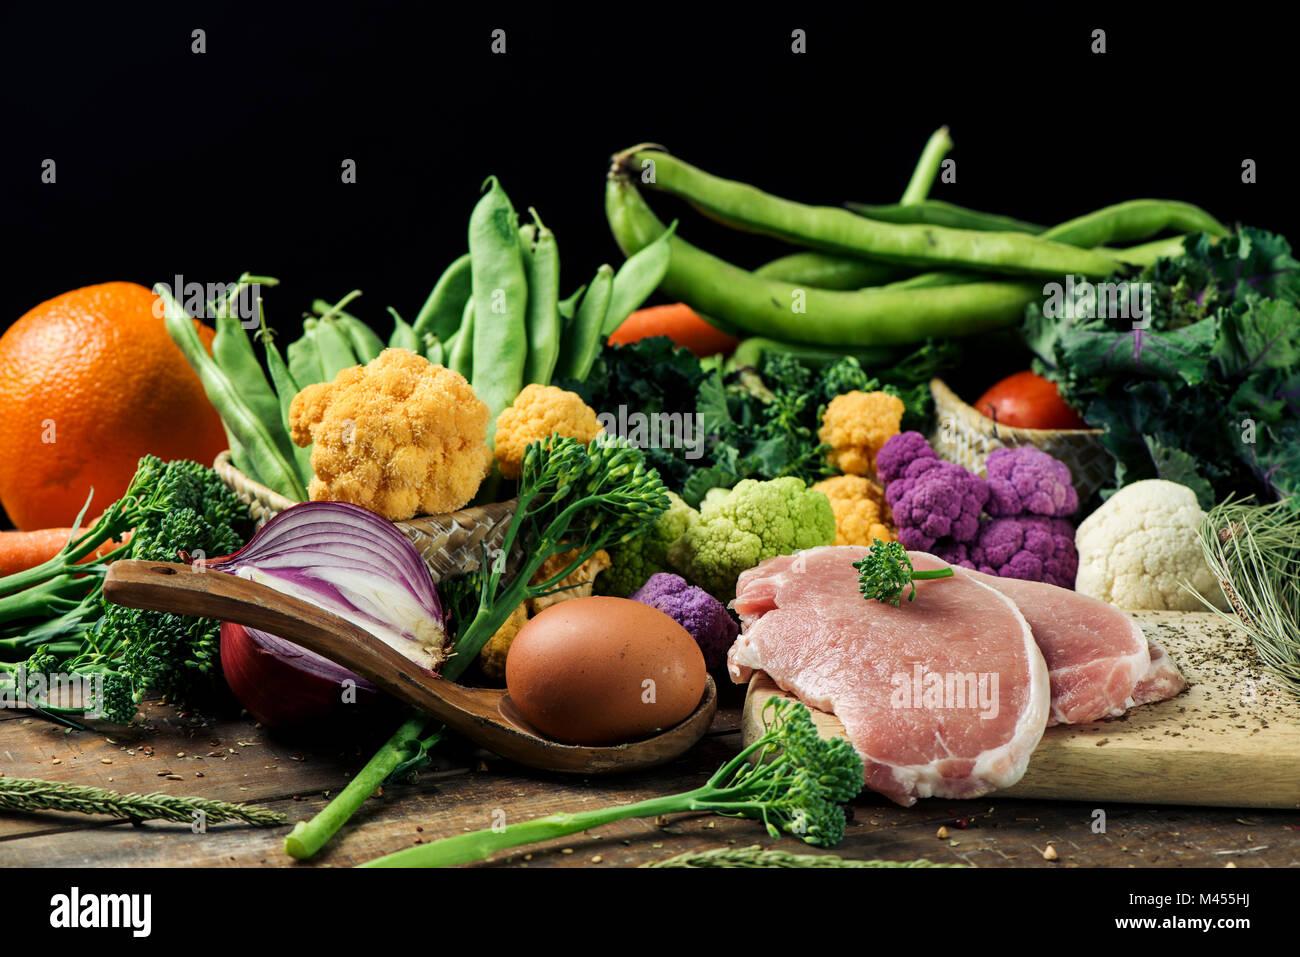 Ein Haufen von etwas Obst und einige verschiedene rohes Gemüse wie Blumenkohl in verschiedenen Farben, Broccolini Stockbild